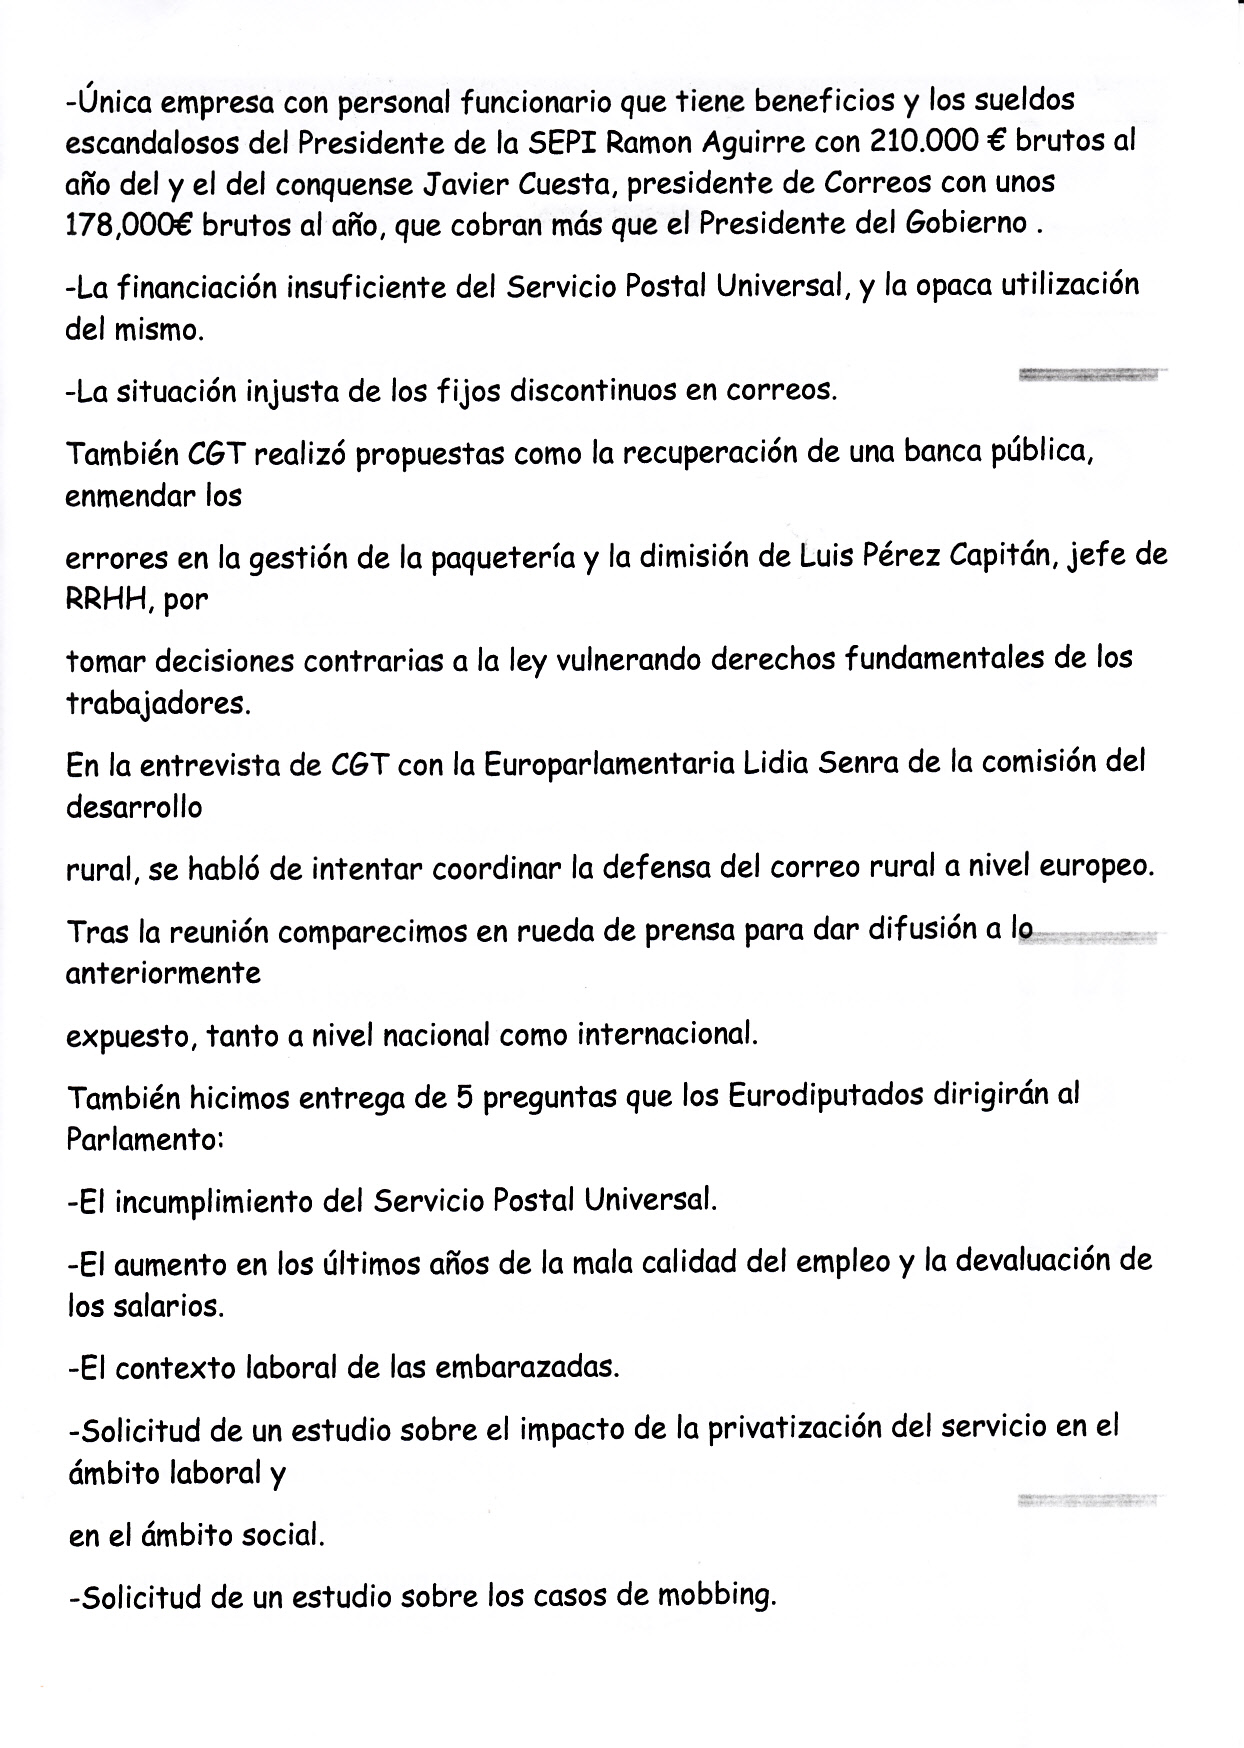 x_CGT_Informa_Correos_navarra_0002